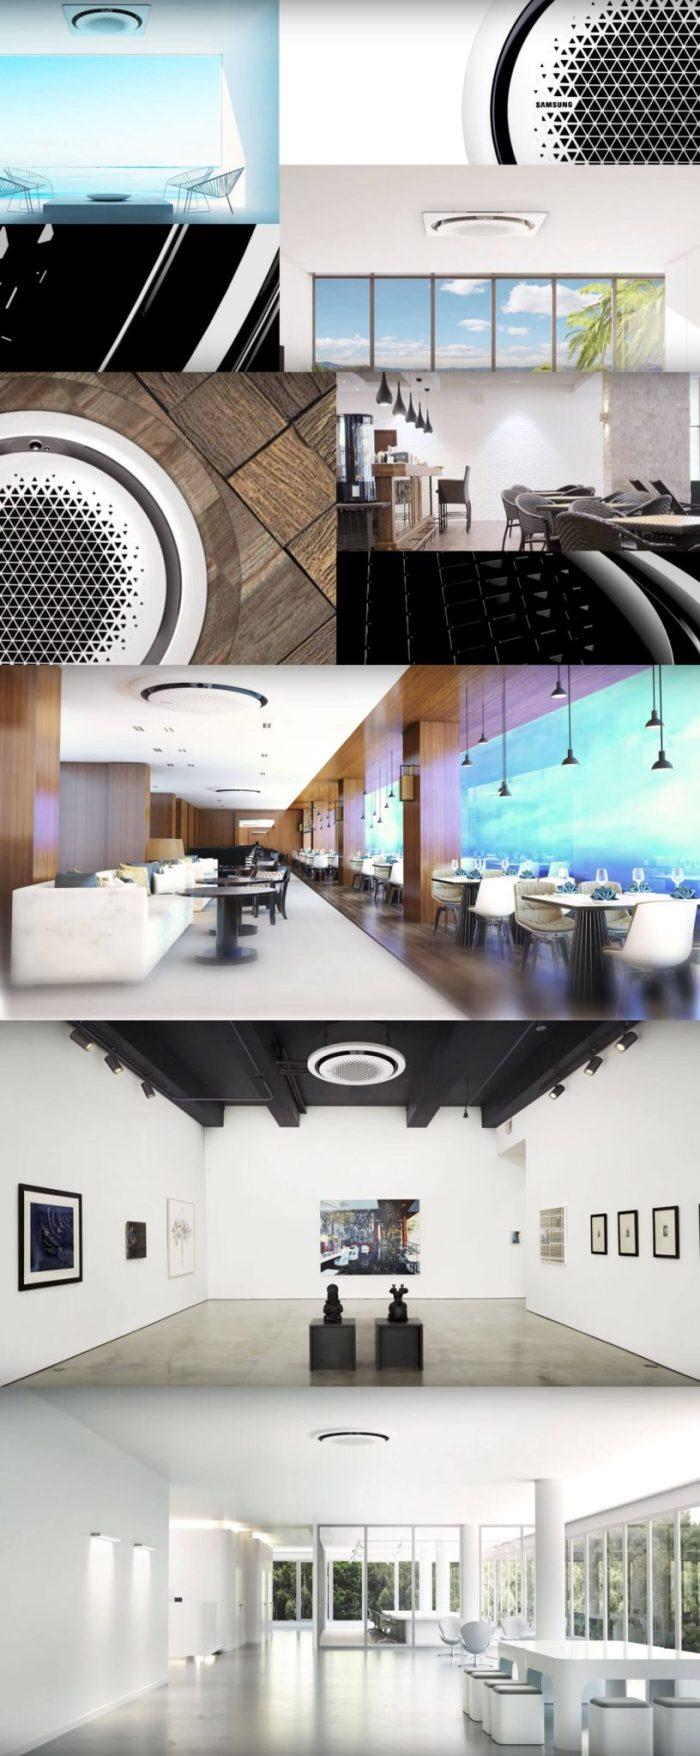 แอร์ Samsung 360 Cassette ดีไซน์นวัตกรรมใหม่ แอร์ฝังเพดานทรงกลมตัวแรกของโลก เย็นทั่ว-หัวไม่หนาว 16 - Advertorial